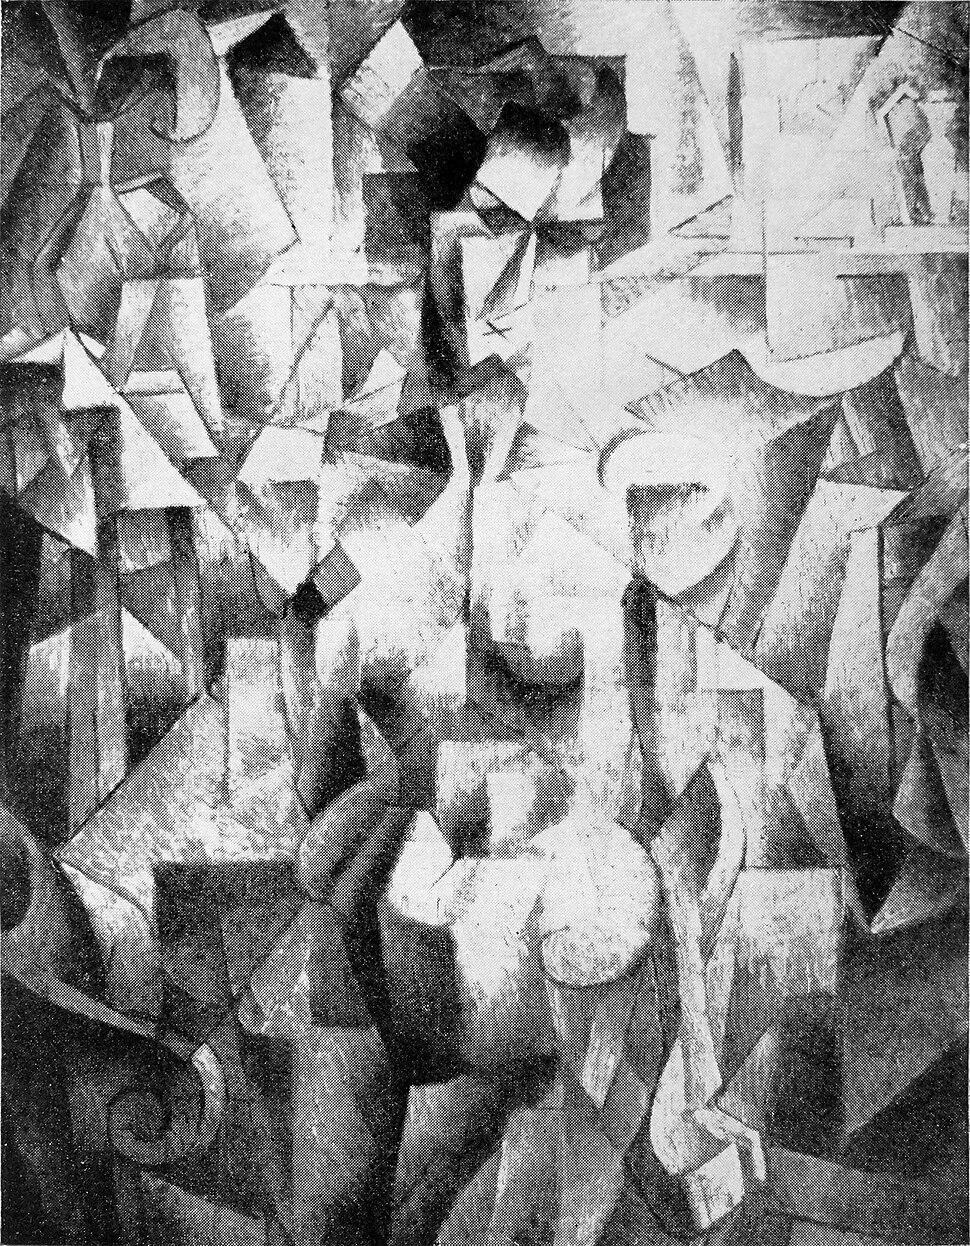 Jean Metzinger, 1910, Nu à la cheminée, published in Les Peintres Cubistes, 1913